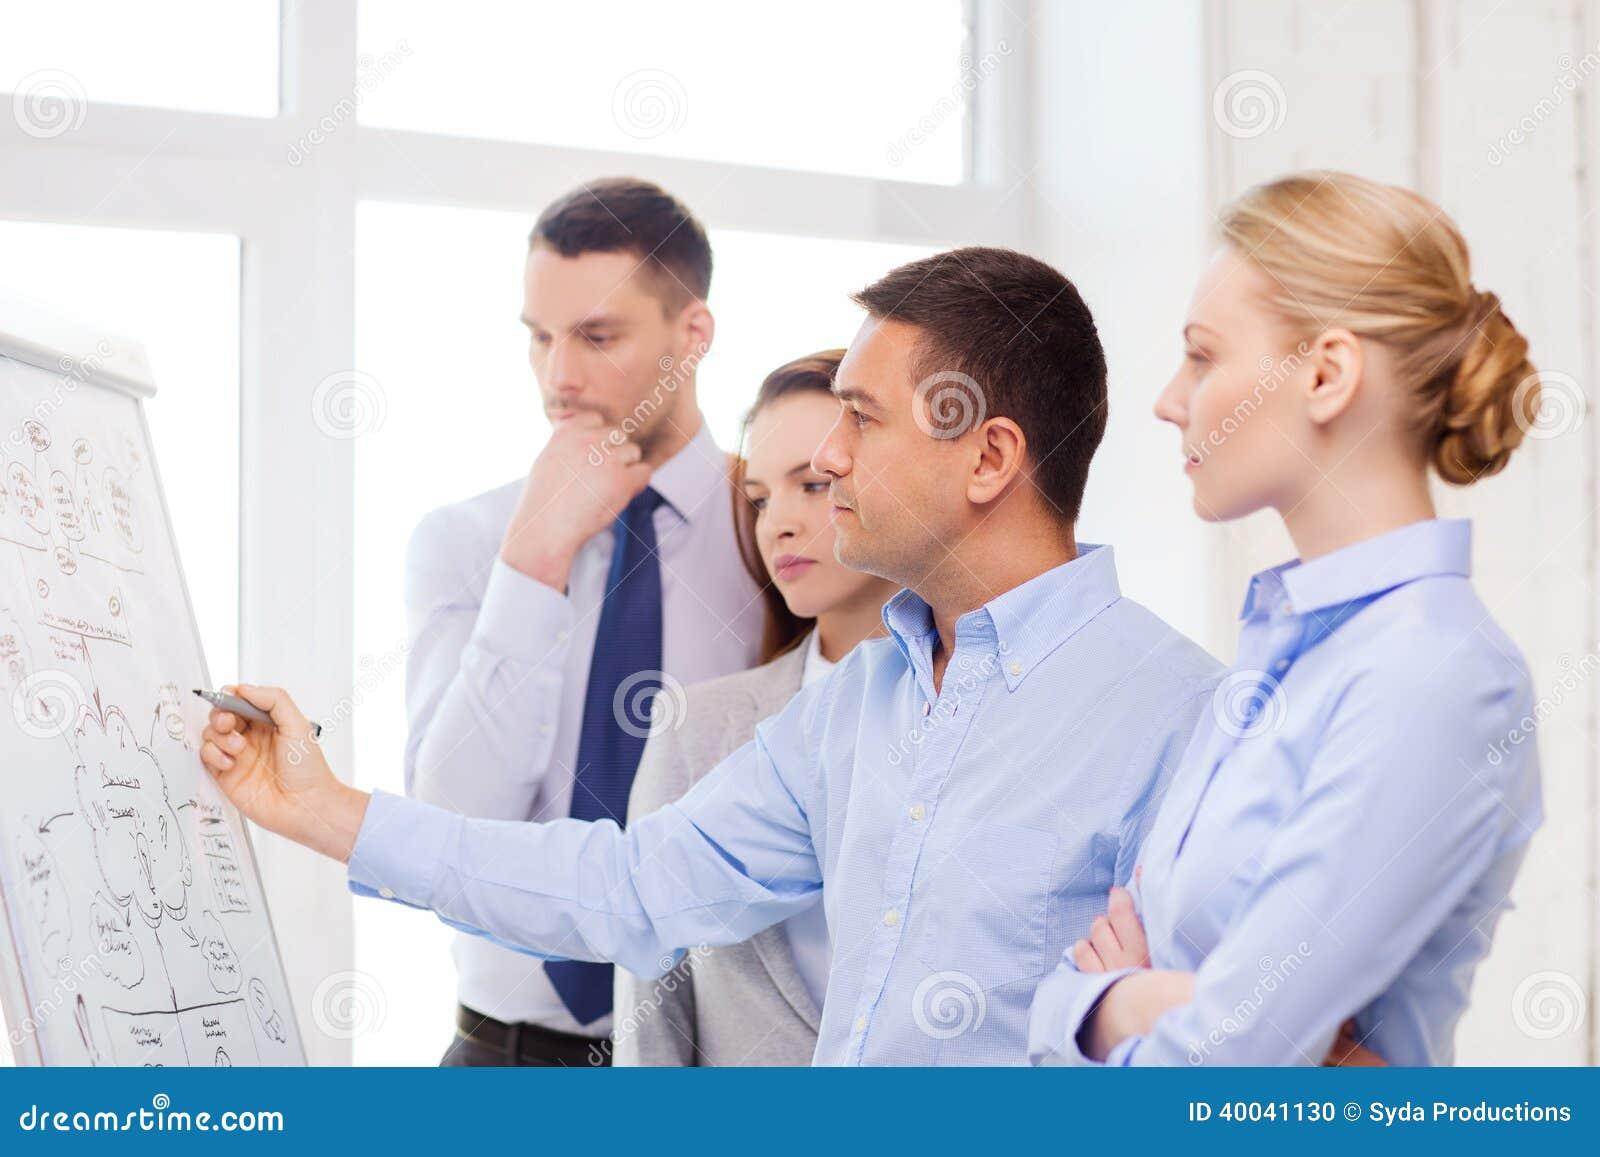 Biznes drużyna dyskutuje coś w biurze